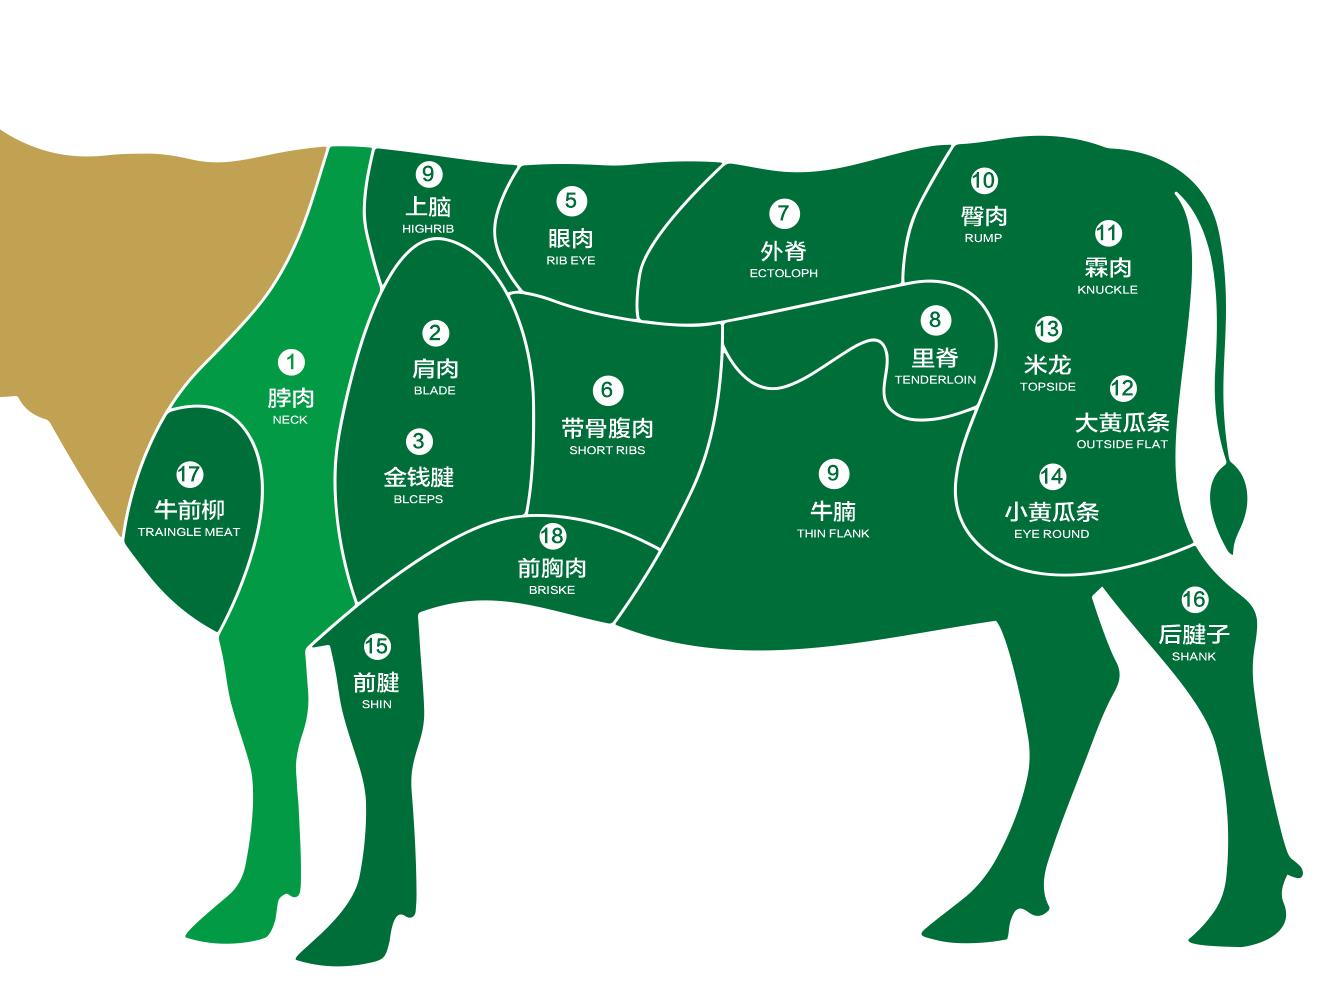 干货丨牛部位肉中英文名称对照表